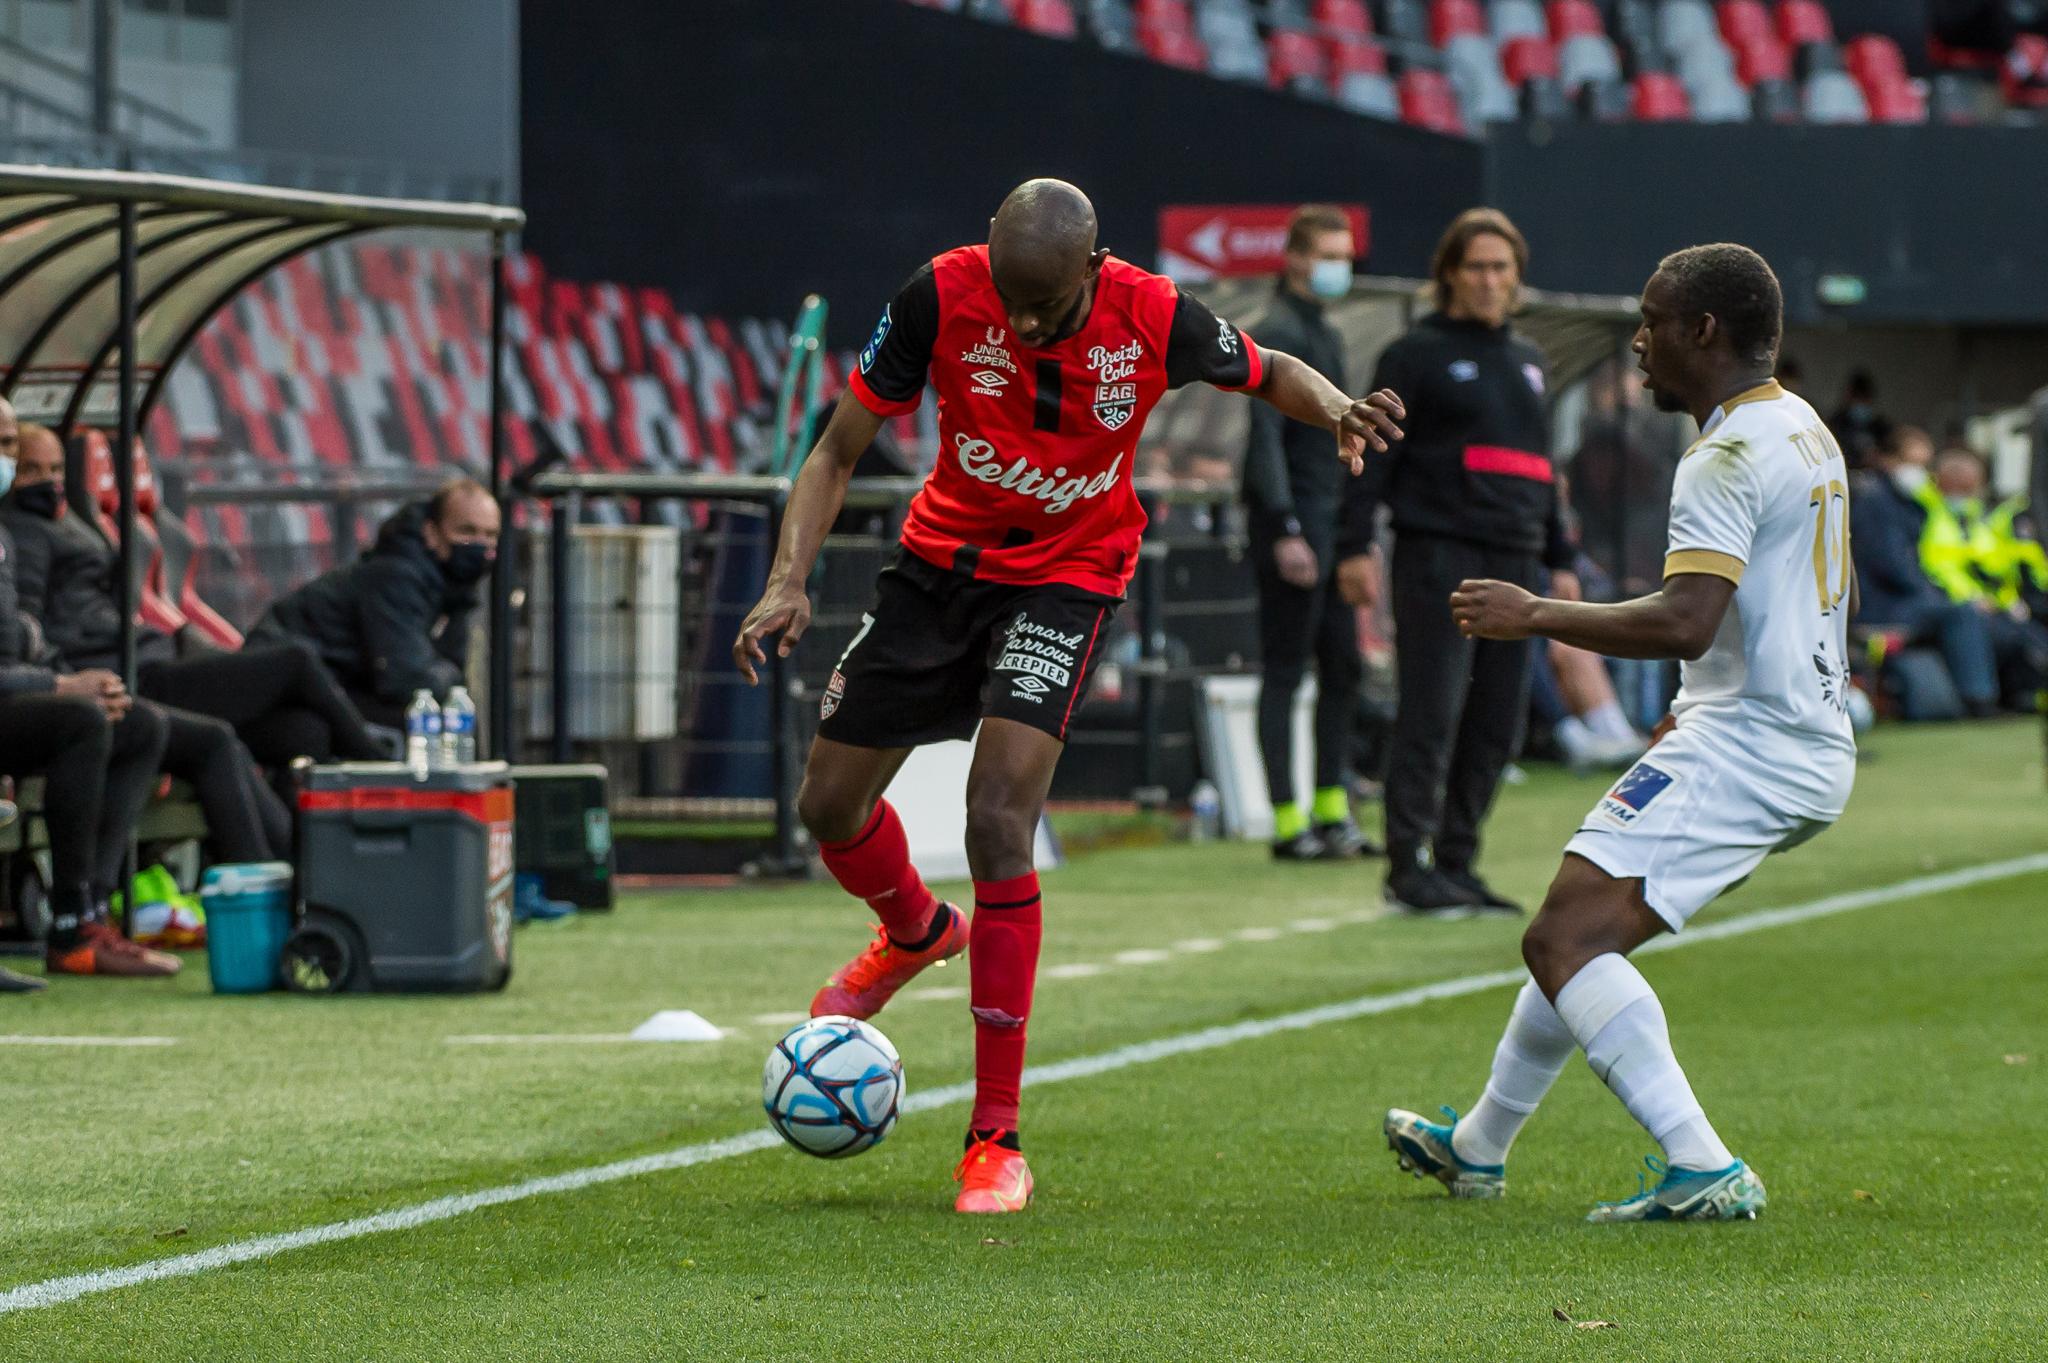 EA Guingamp La Berrichonne Châteauroux J37 Ligue 2 BKT EAGLBC 2-0 Stade de Roudourou FRA_5542